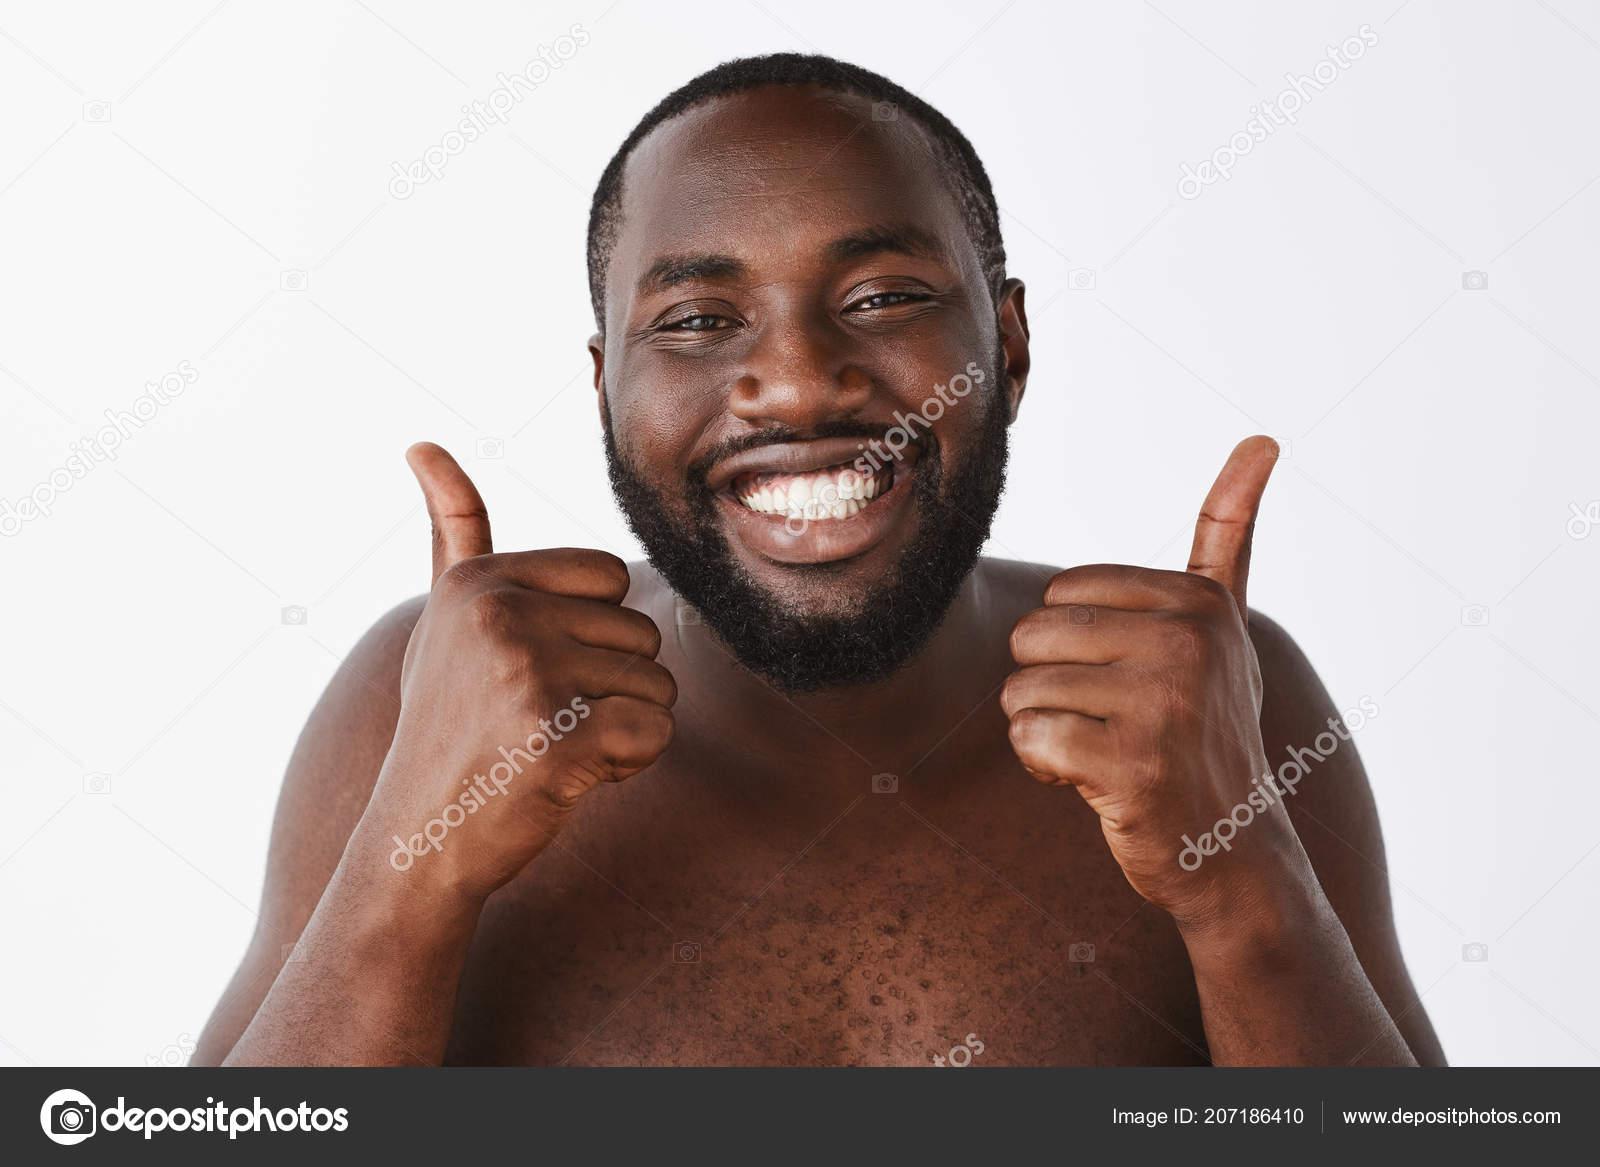 Красивая голая негритянка с короткой прической позирует улыбаясь